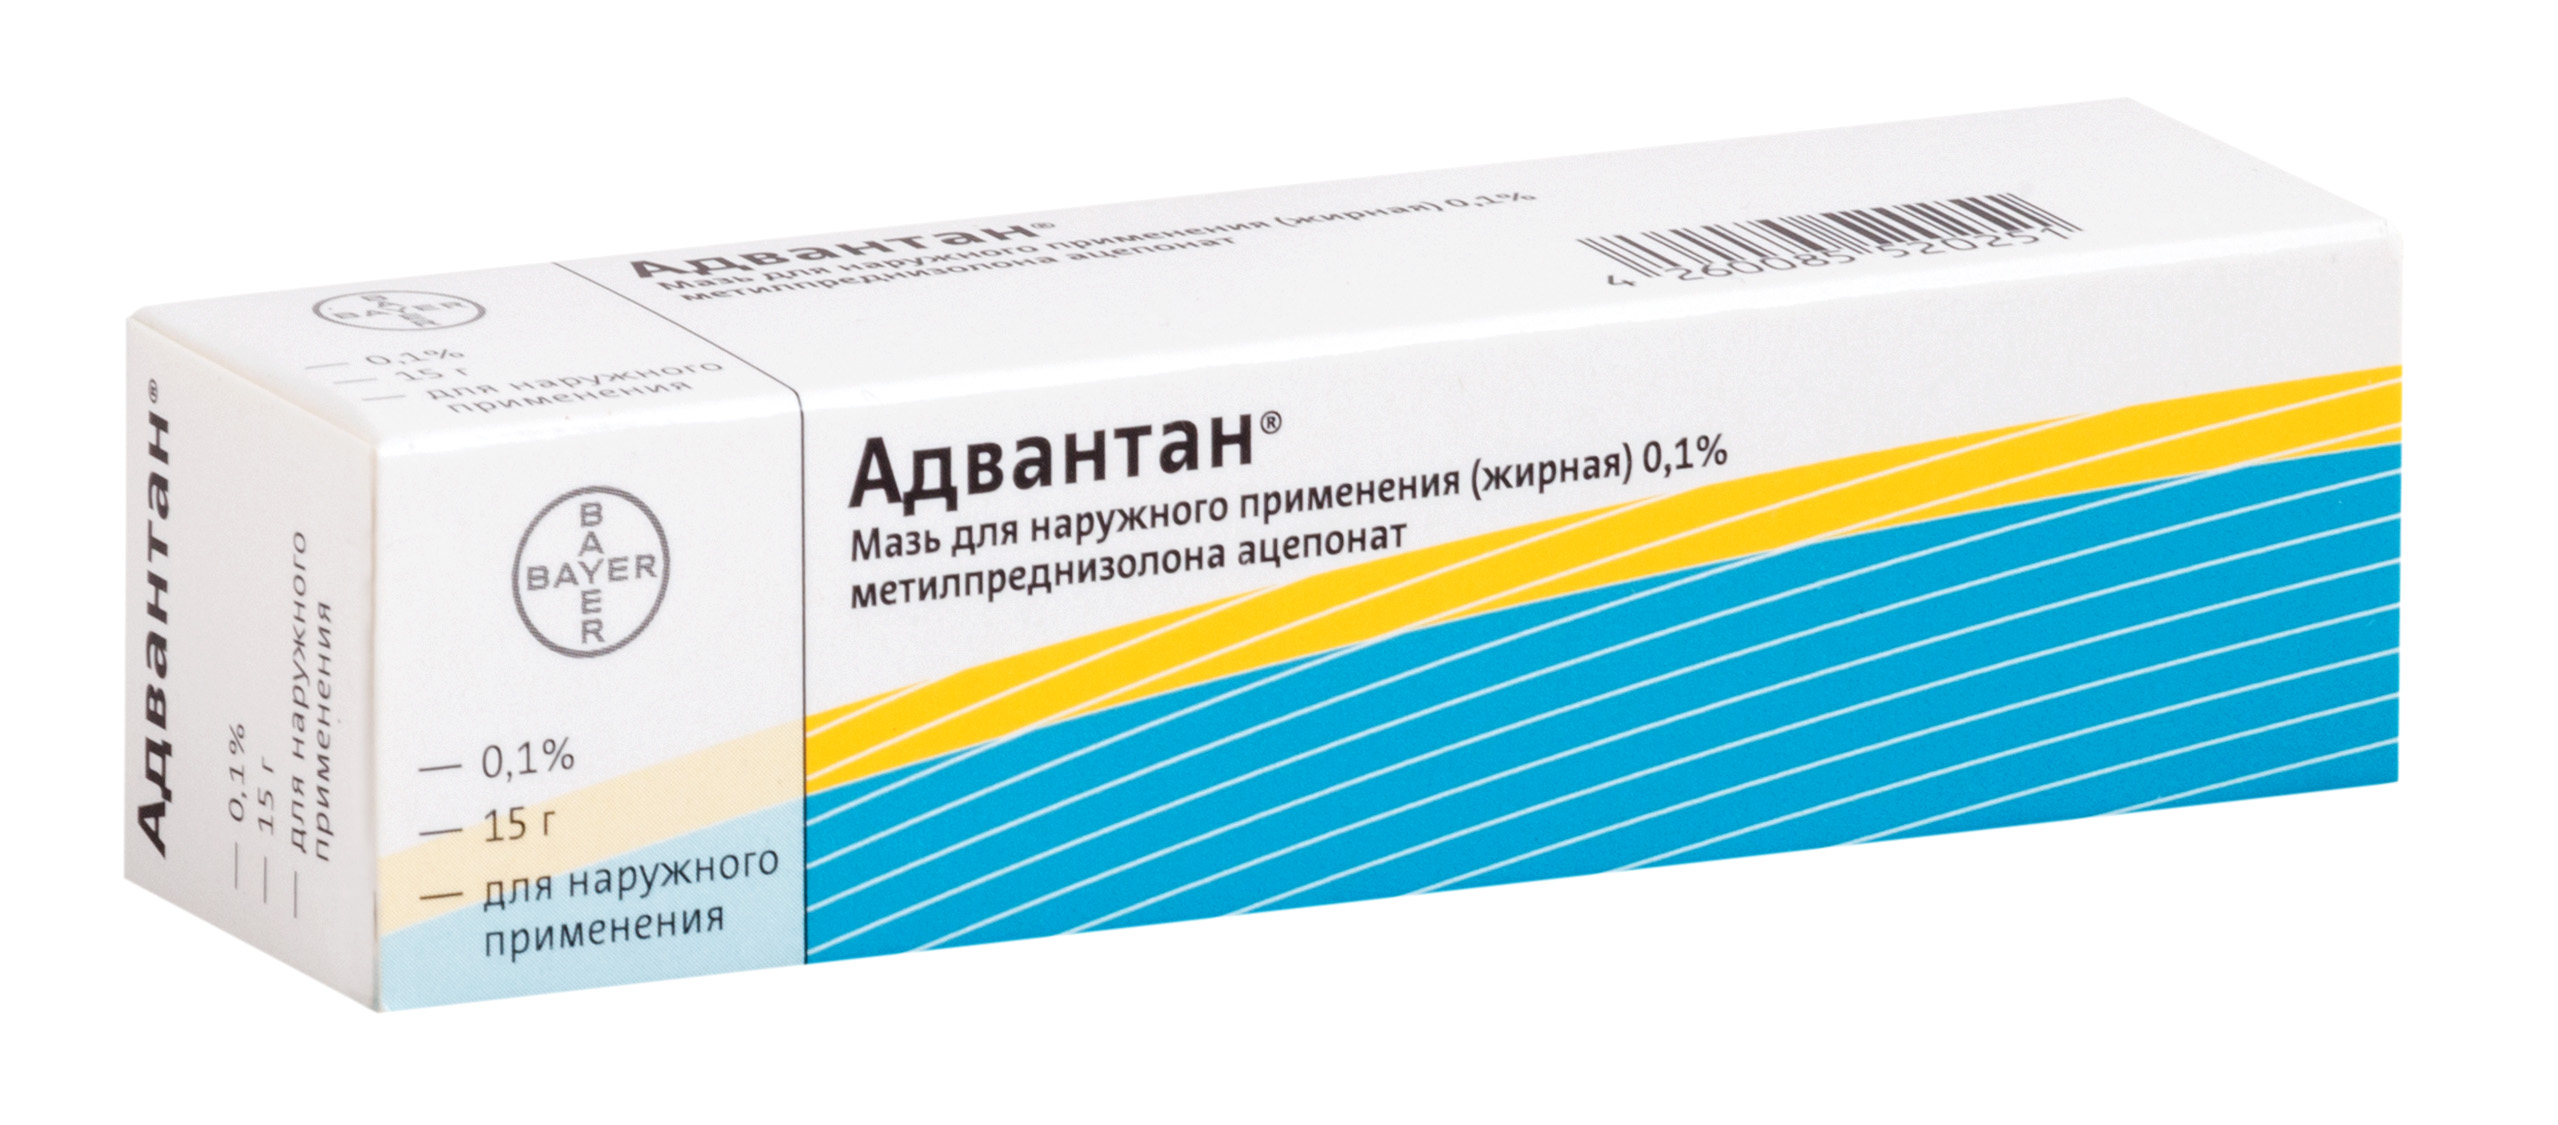 Адвантан крем 0,1% 15г n1